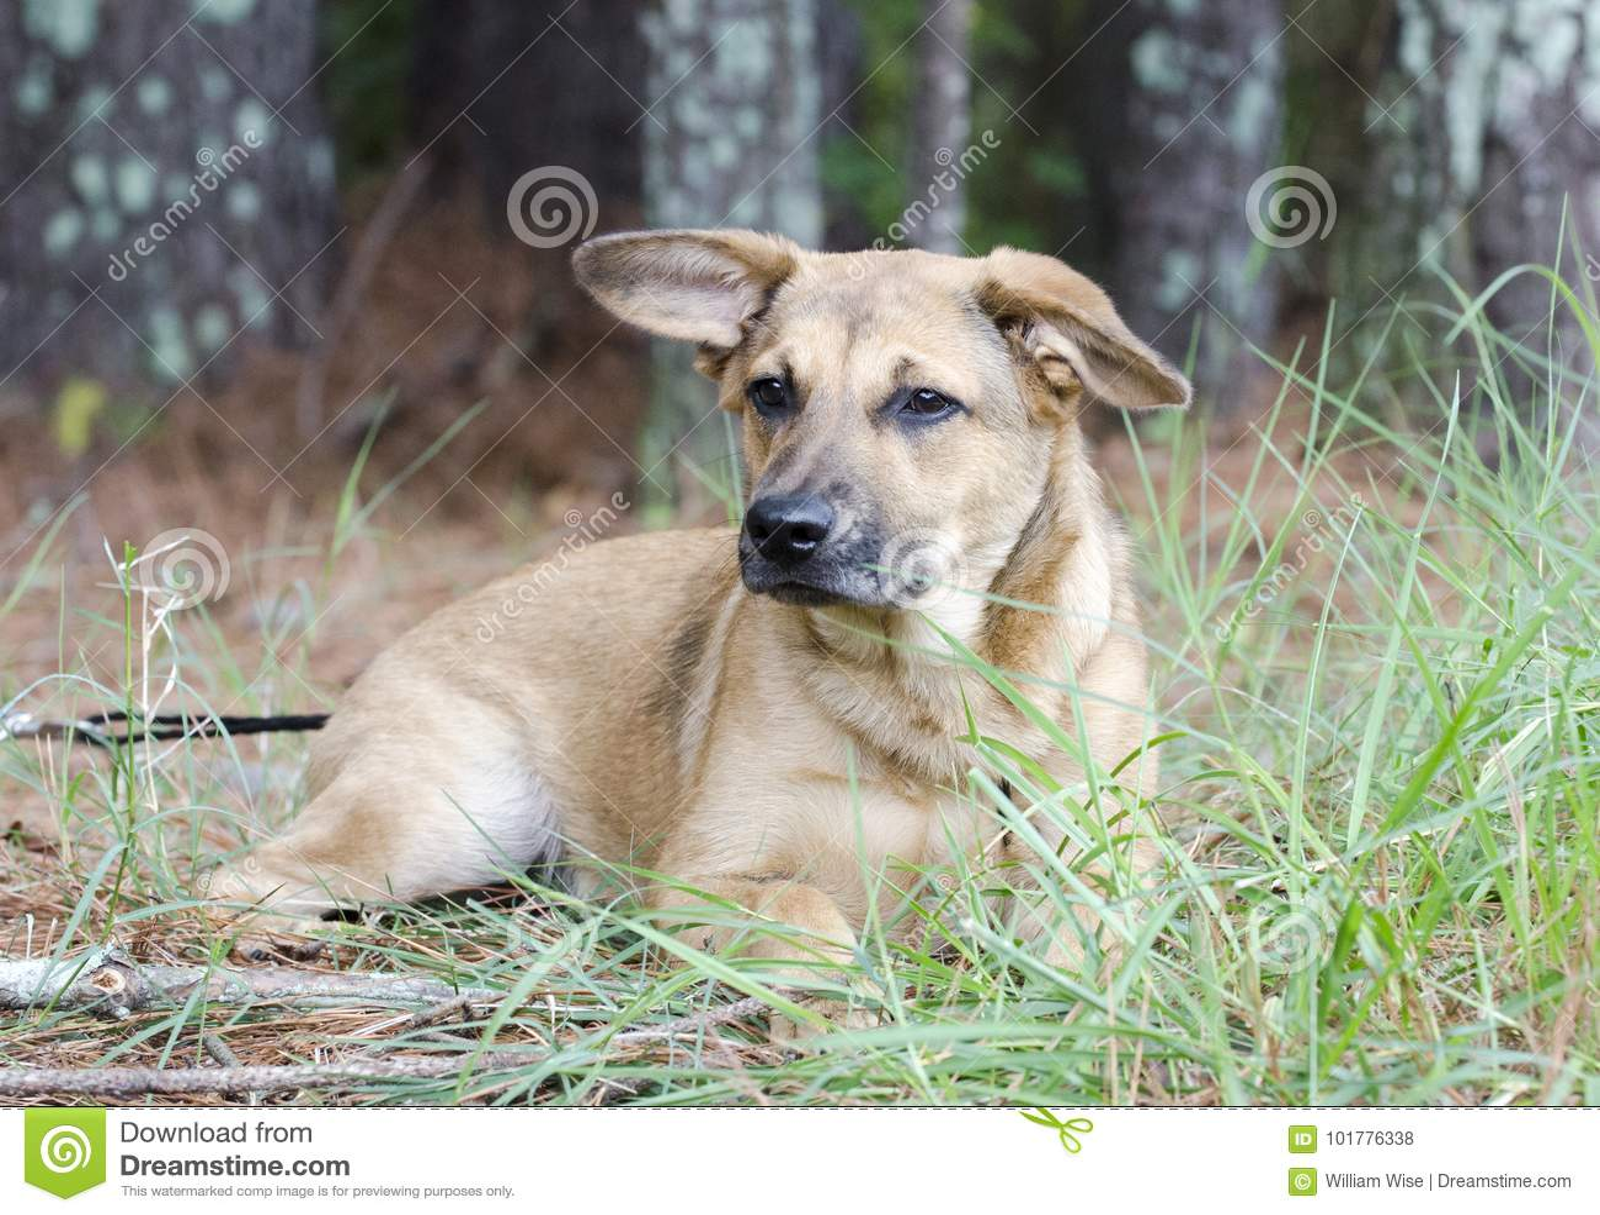 Perro de perrito mezclado pastor del perro callejero de la raza